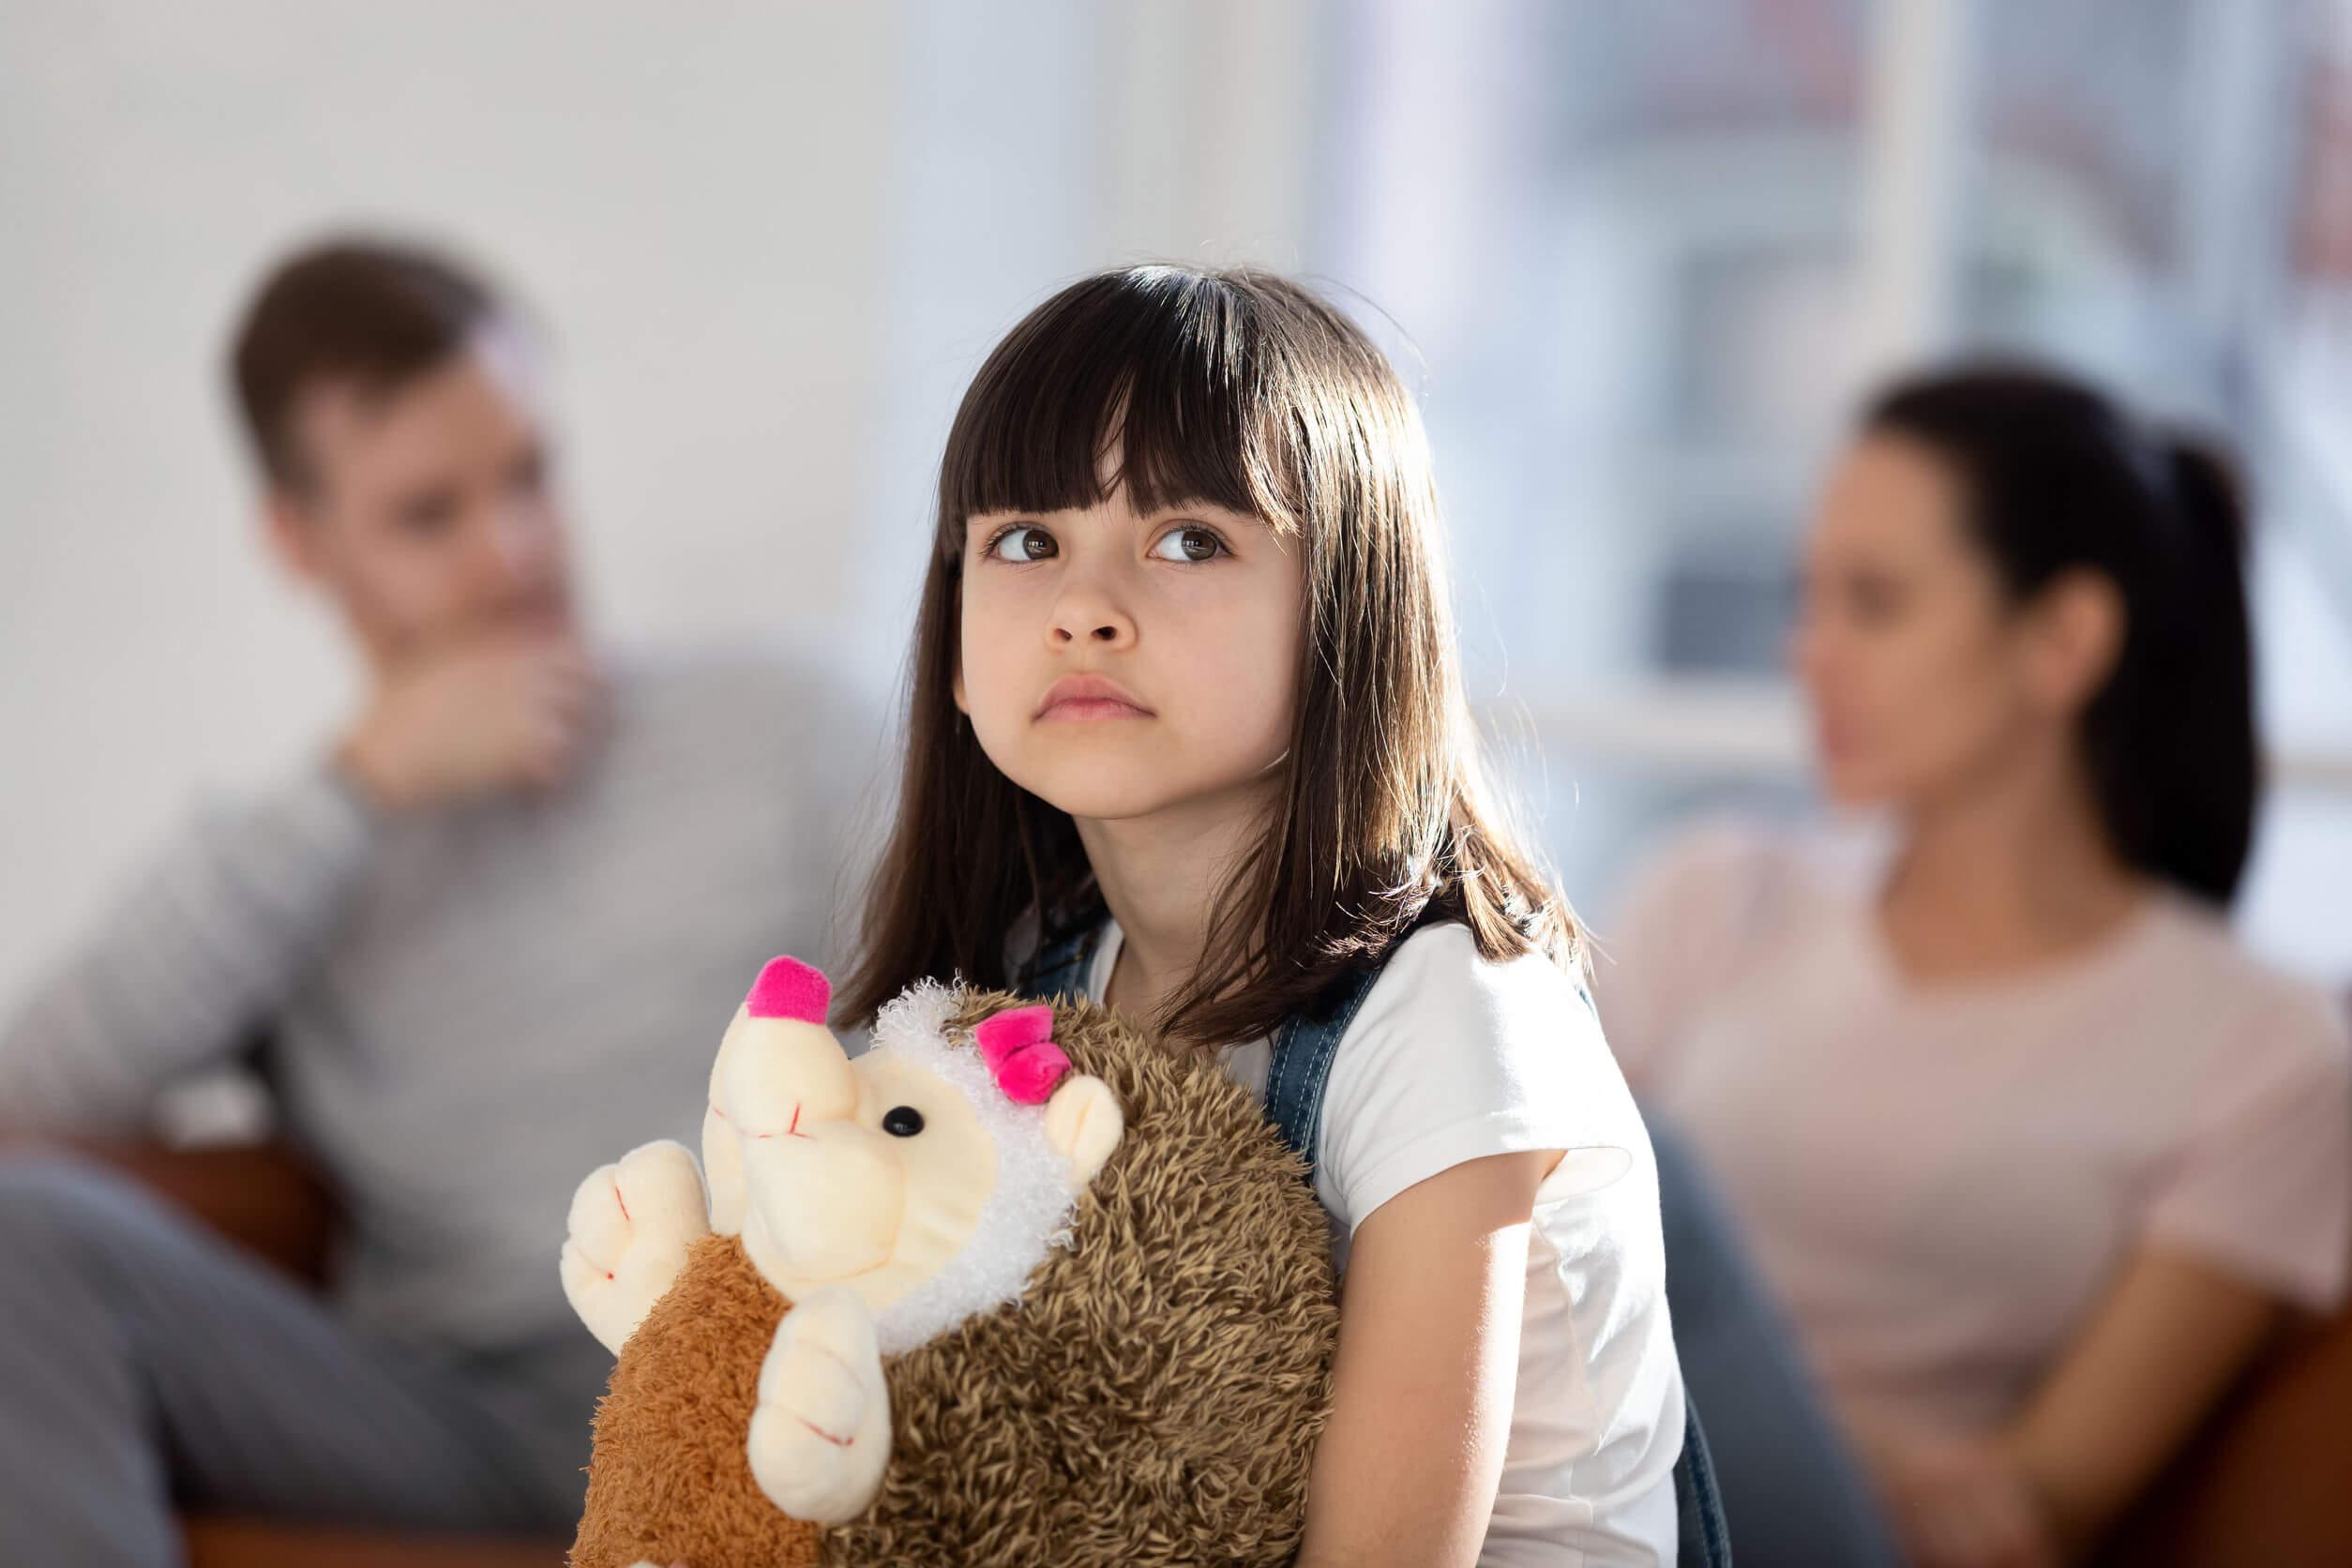 Las parejas que discuten mucho suelen tener hijos afectados.